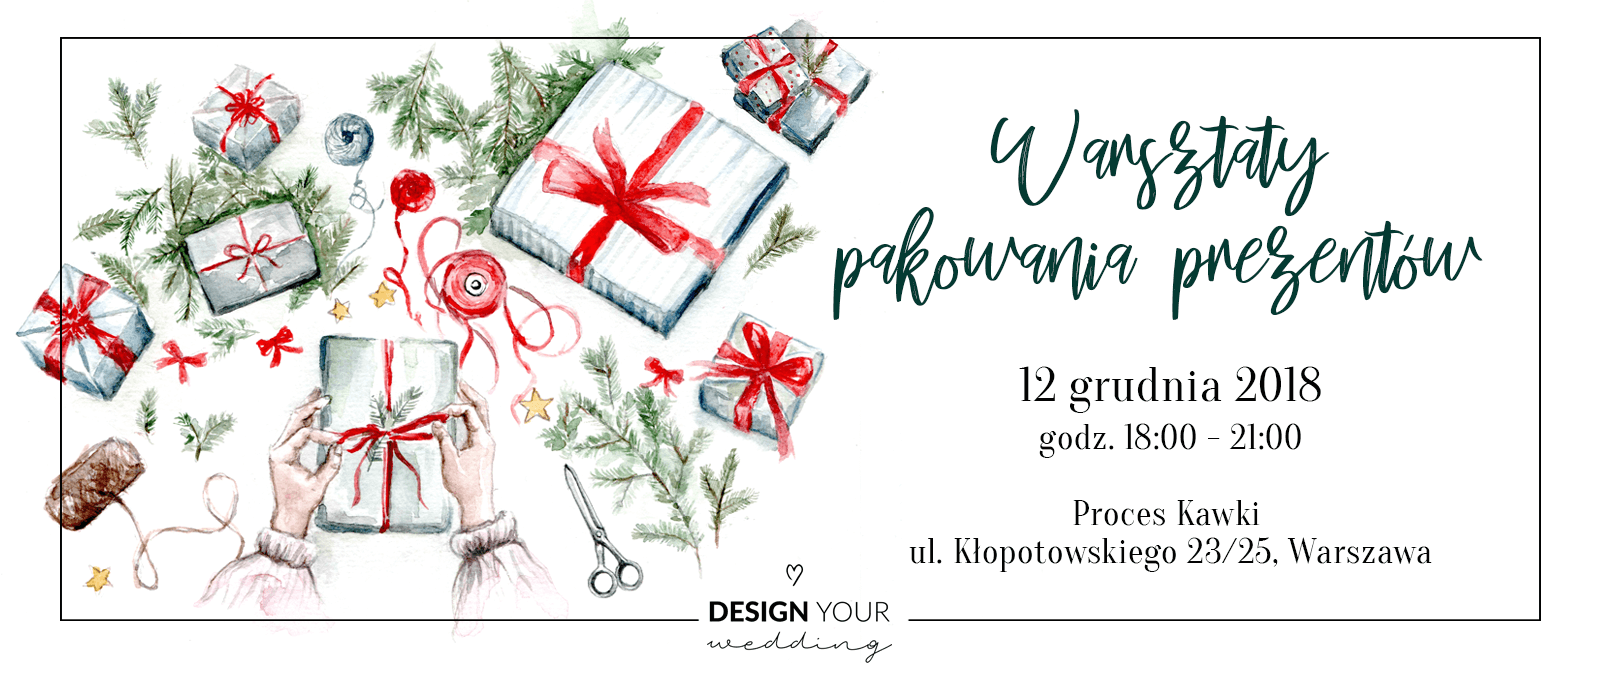 Warsztaty pakowania prezentów Design Your Wedding